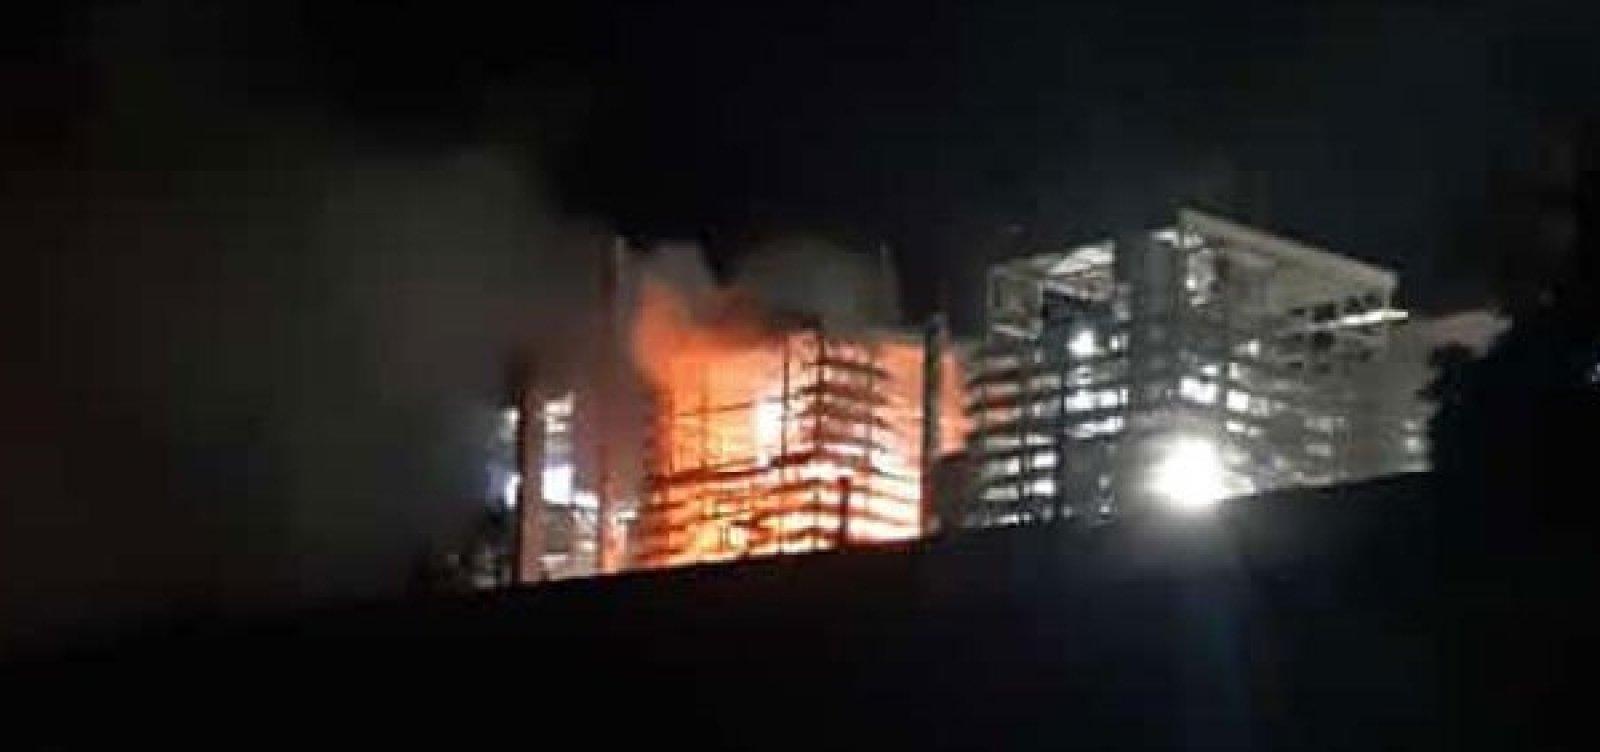 Forno de mineradora explode e assusta funcionários em Brumado